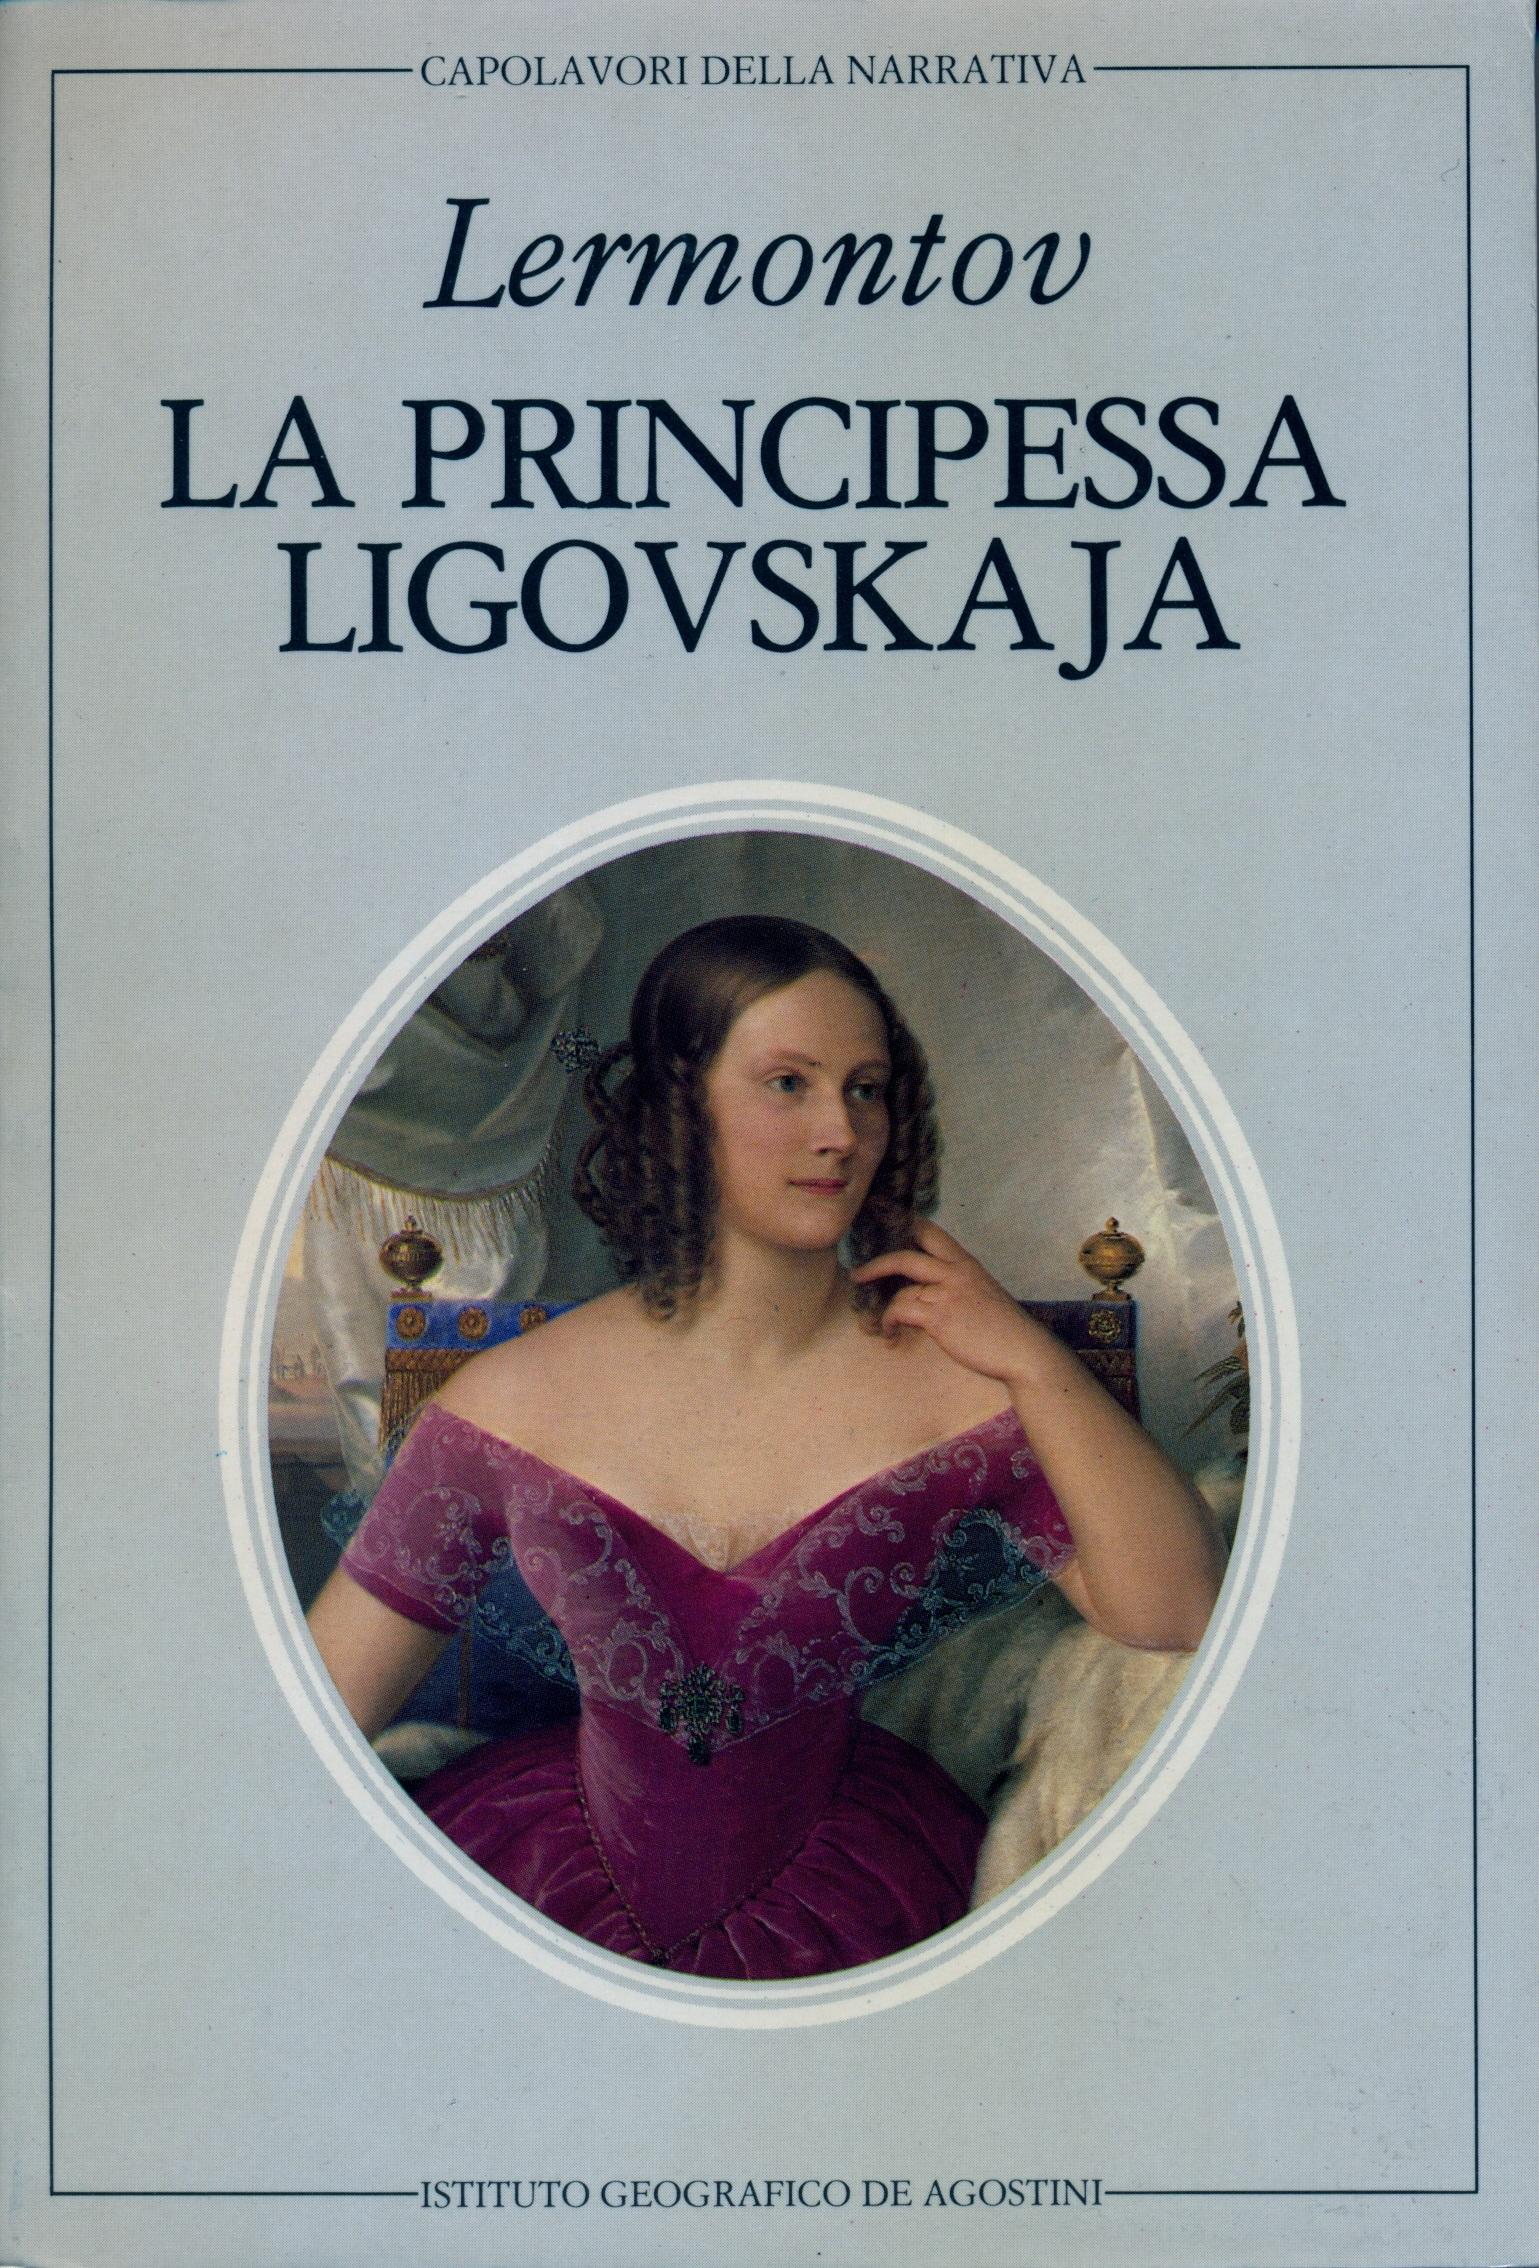 La principessa Ligovskaja